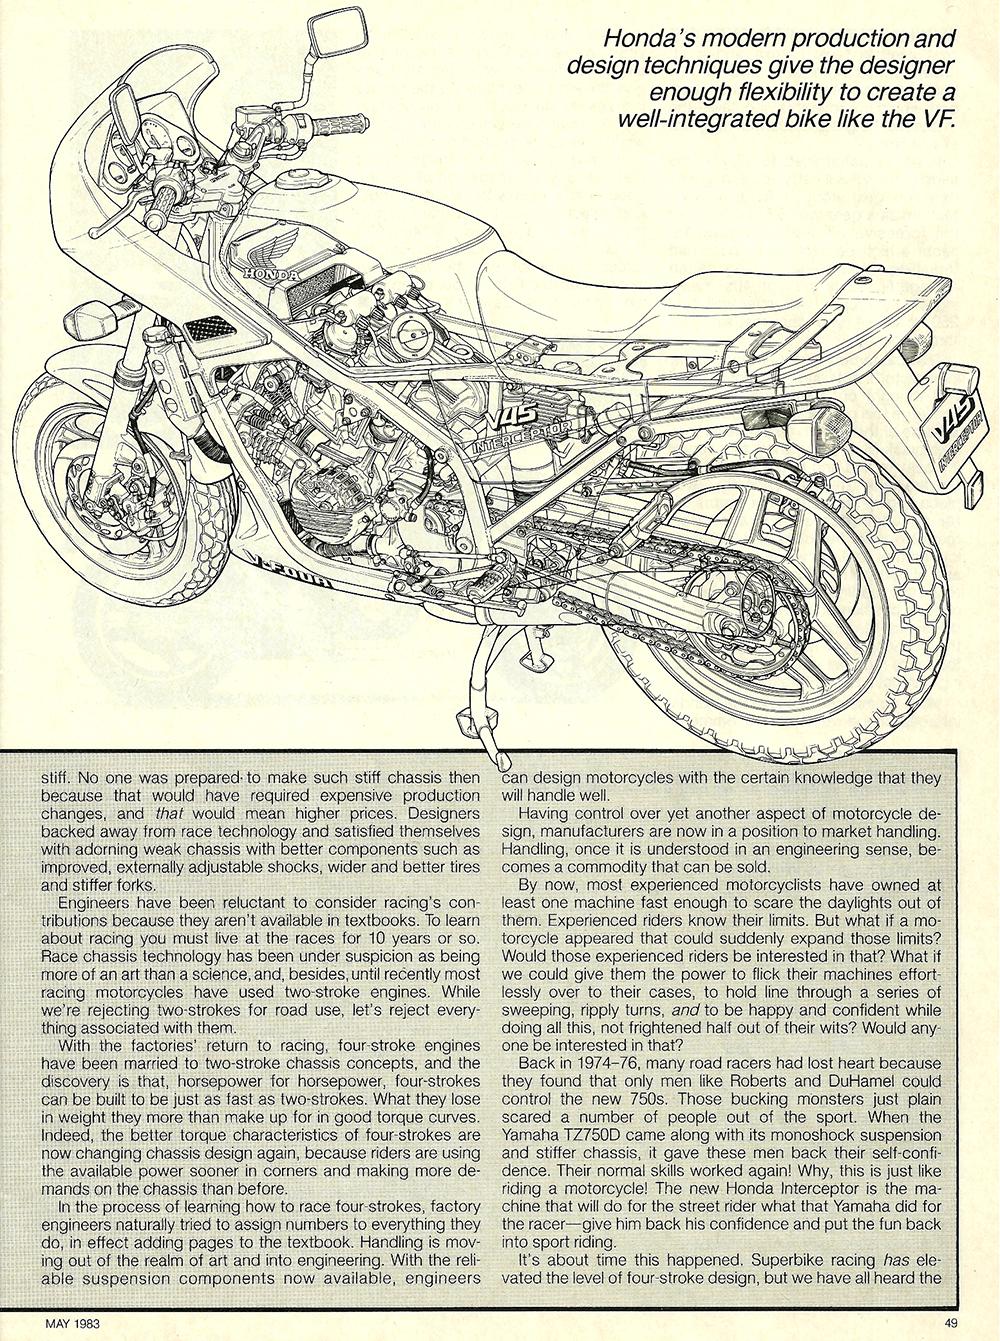 1983 Honda V45 Interceptor road test 09.jpg